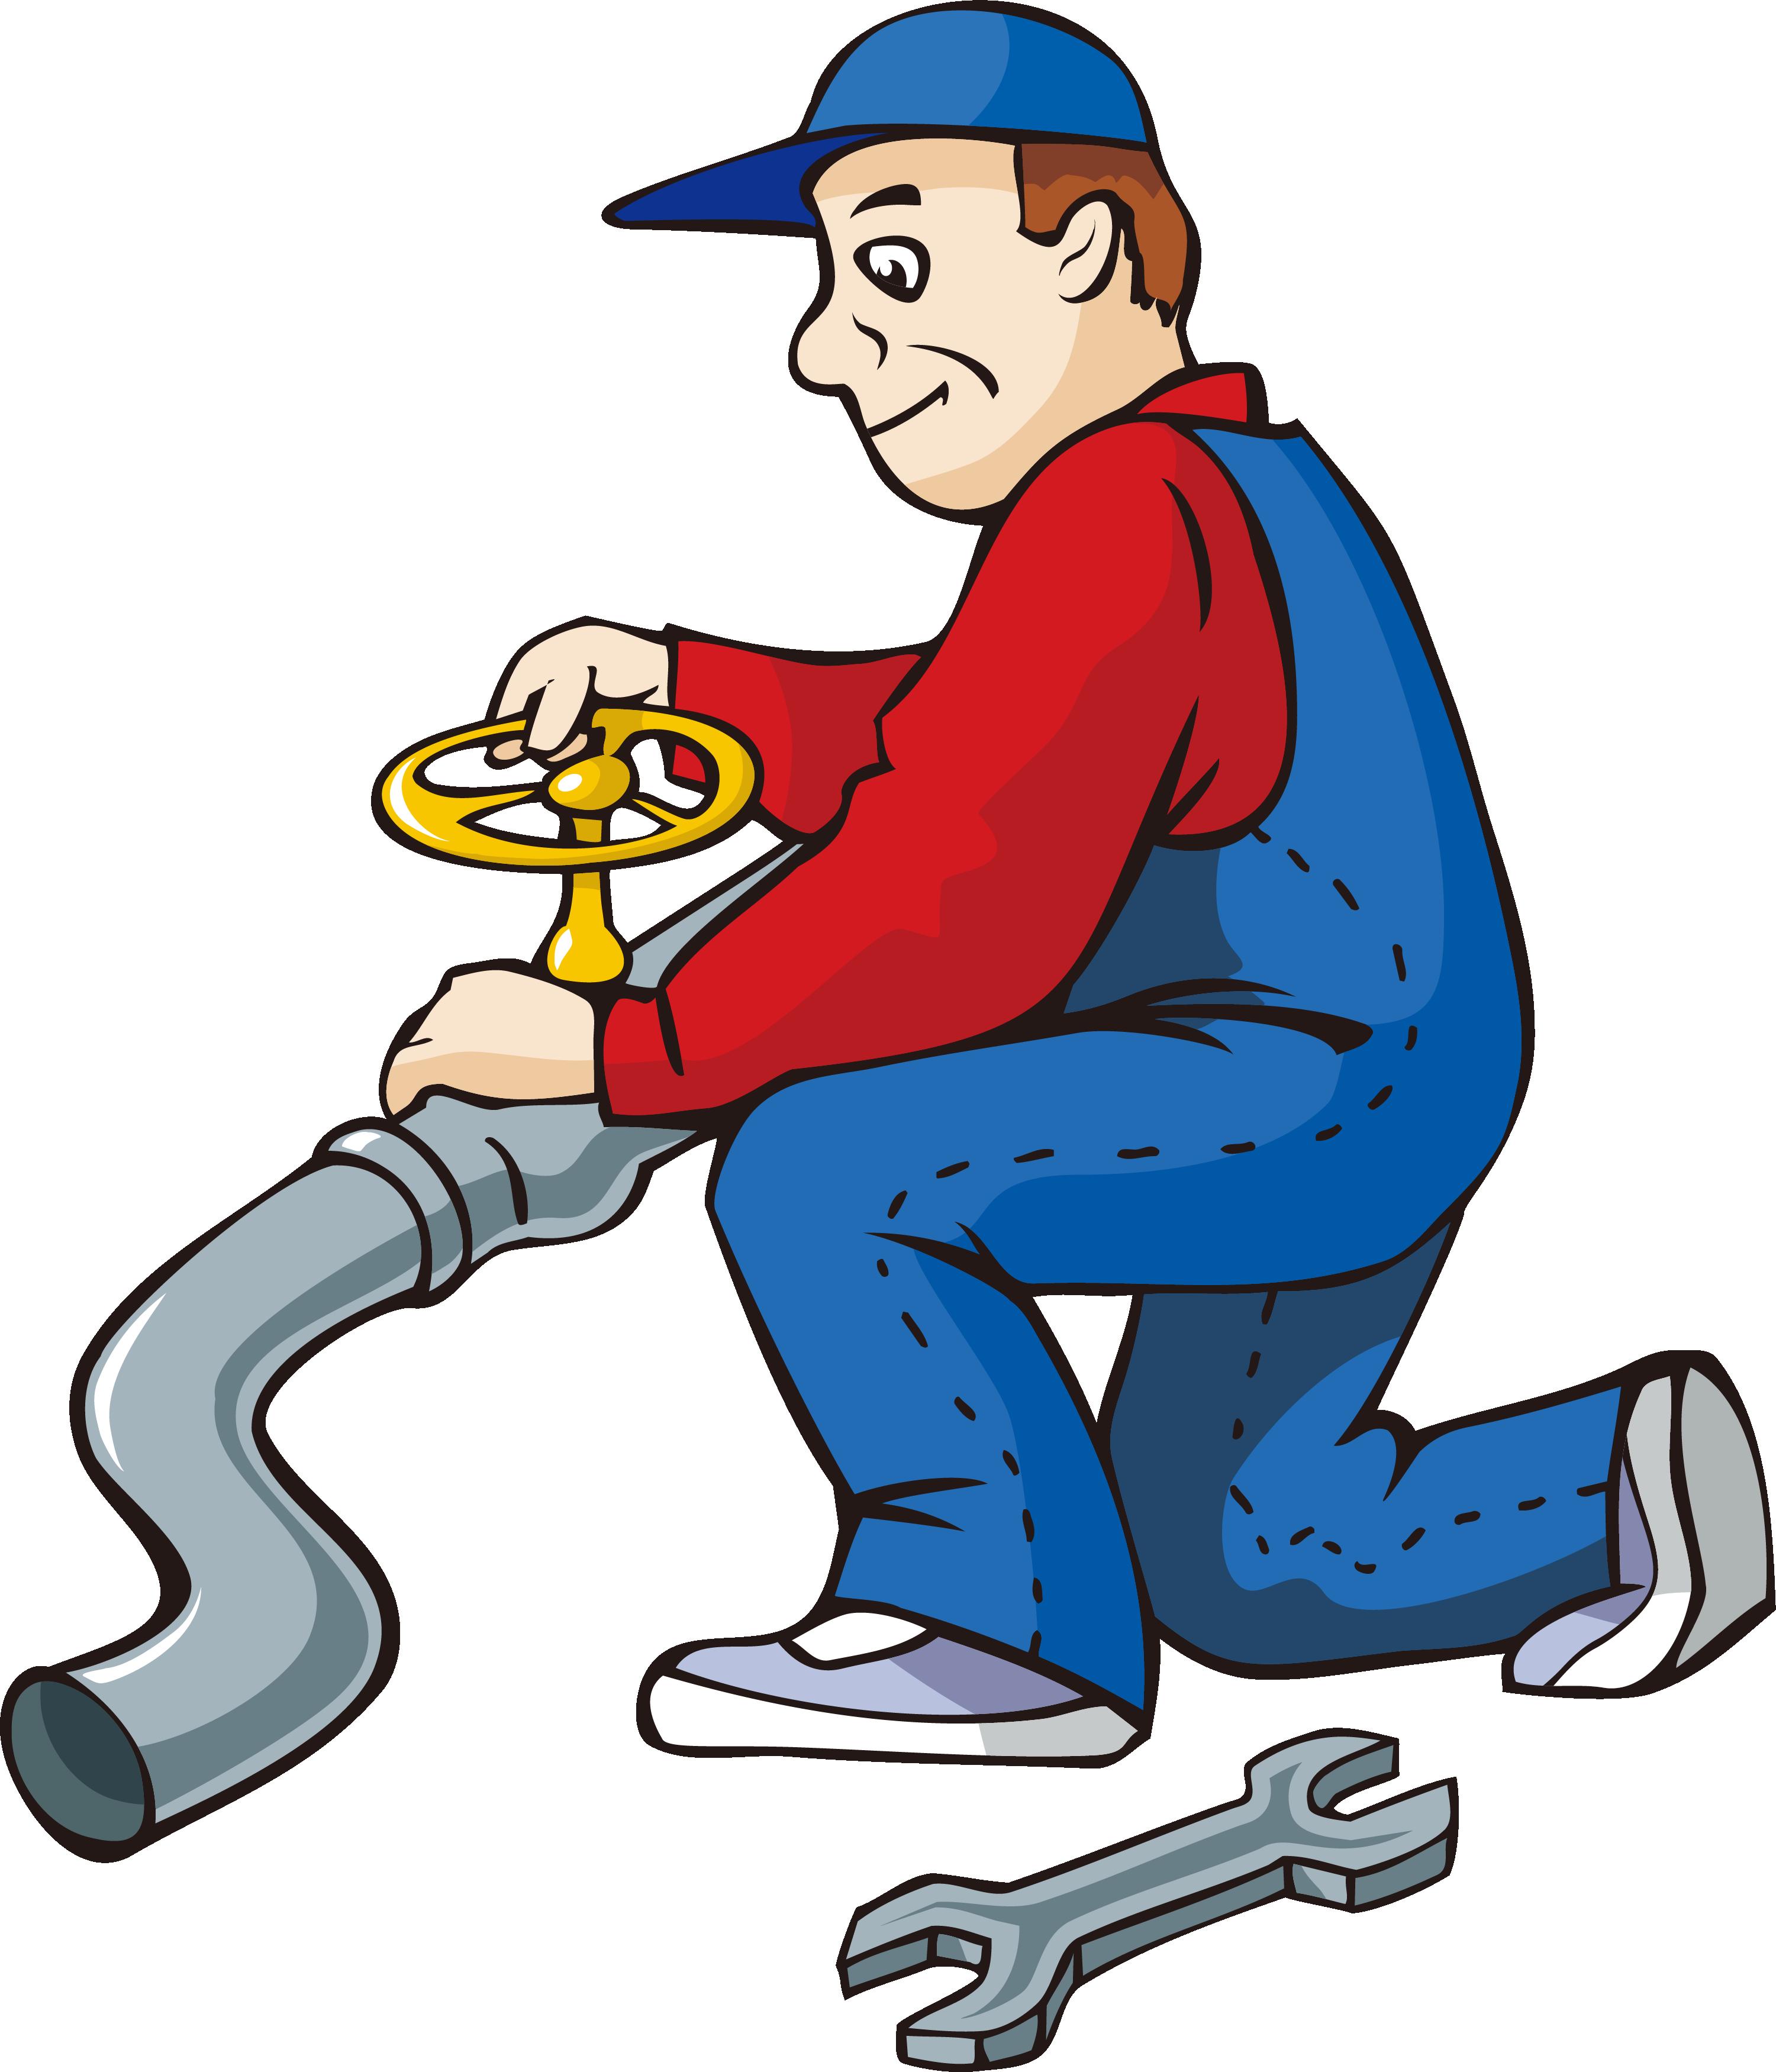 Cartoon water pipe repairman. Mechanic clipart working